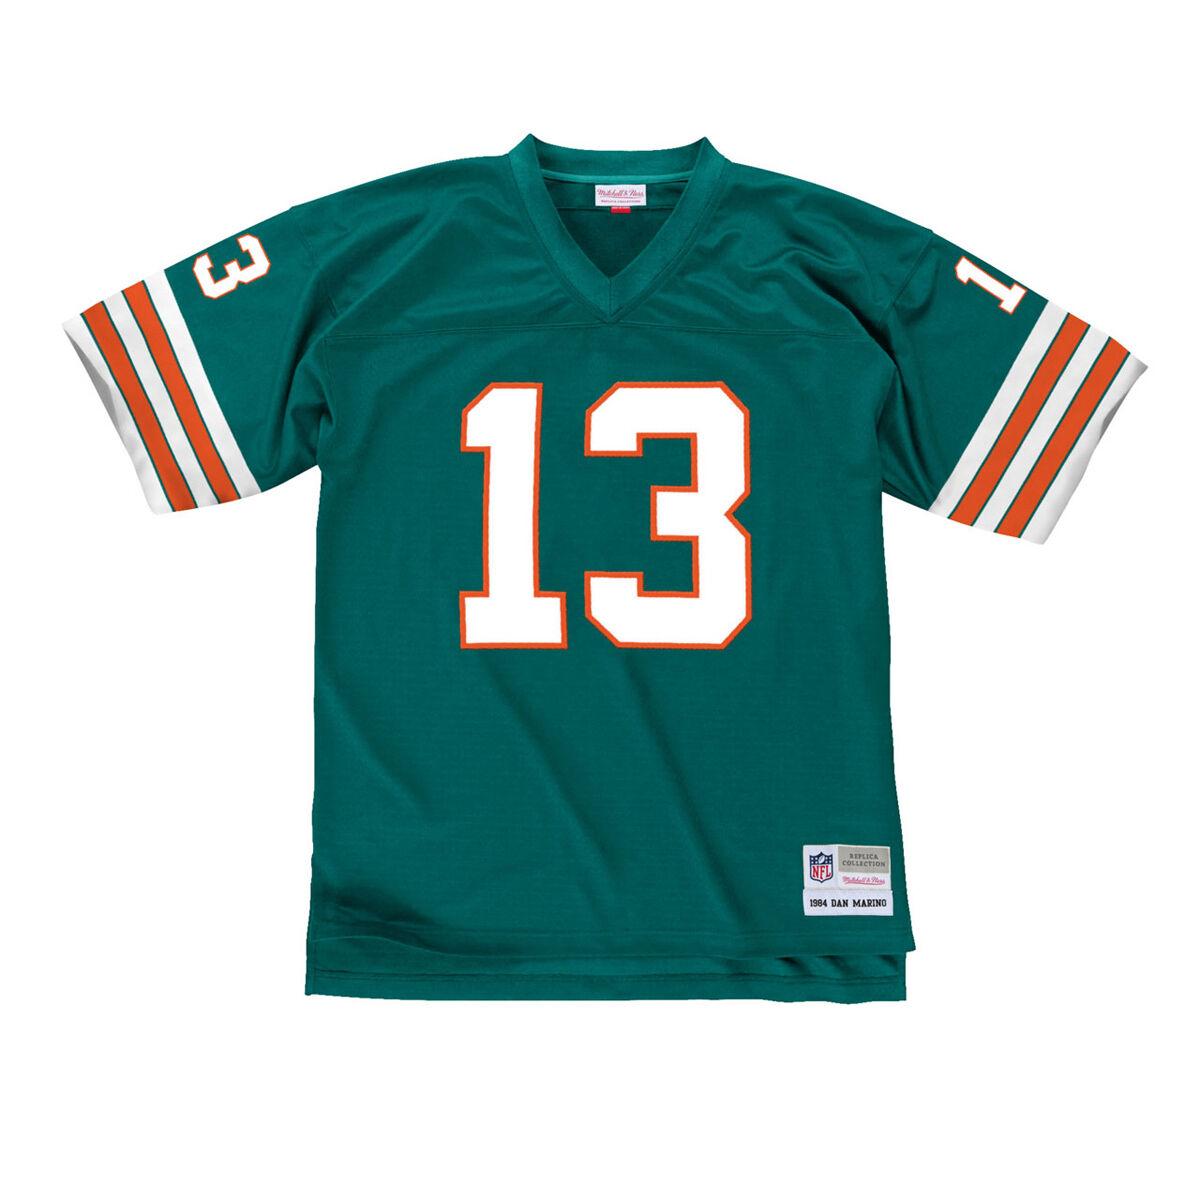 NFL Jerseys & Teamwear | NFL Merchandise & Fangear | rebel